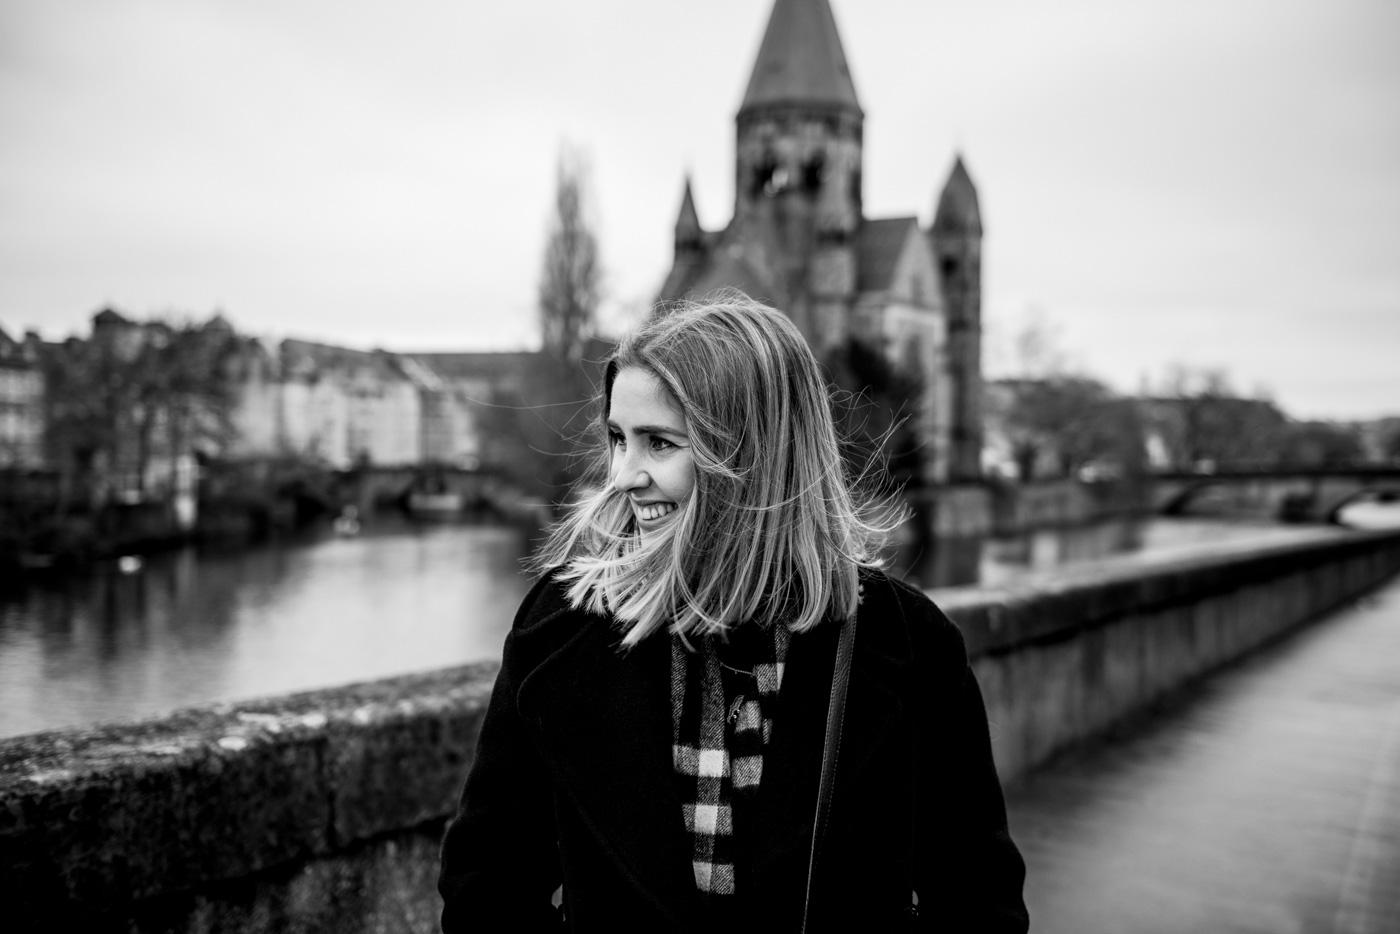 Margaux Gatti Photographe de Metz - La Femme dans la Ville de Metz - Projet Photo Portrait 2019 - Temple Neuf de Metz